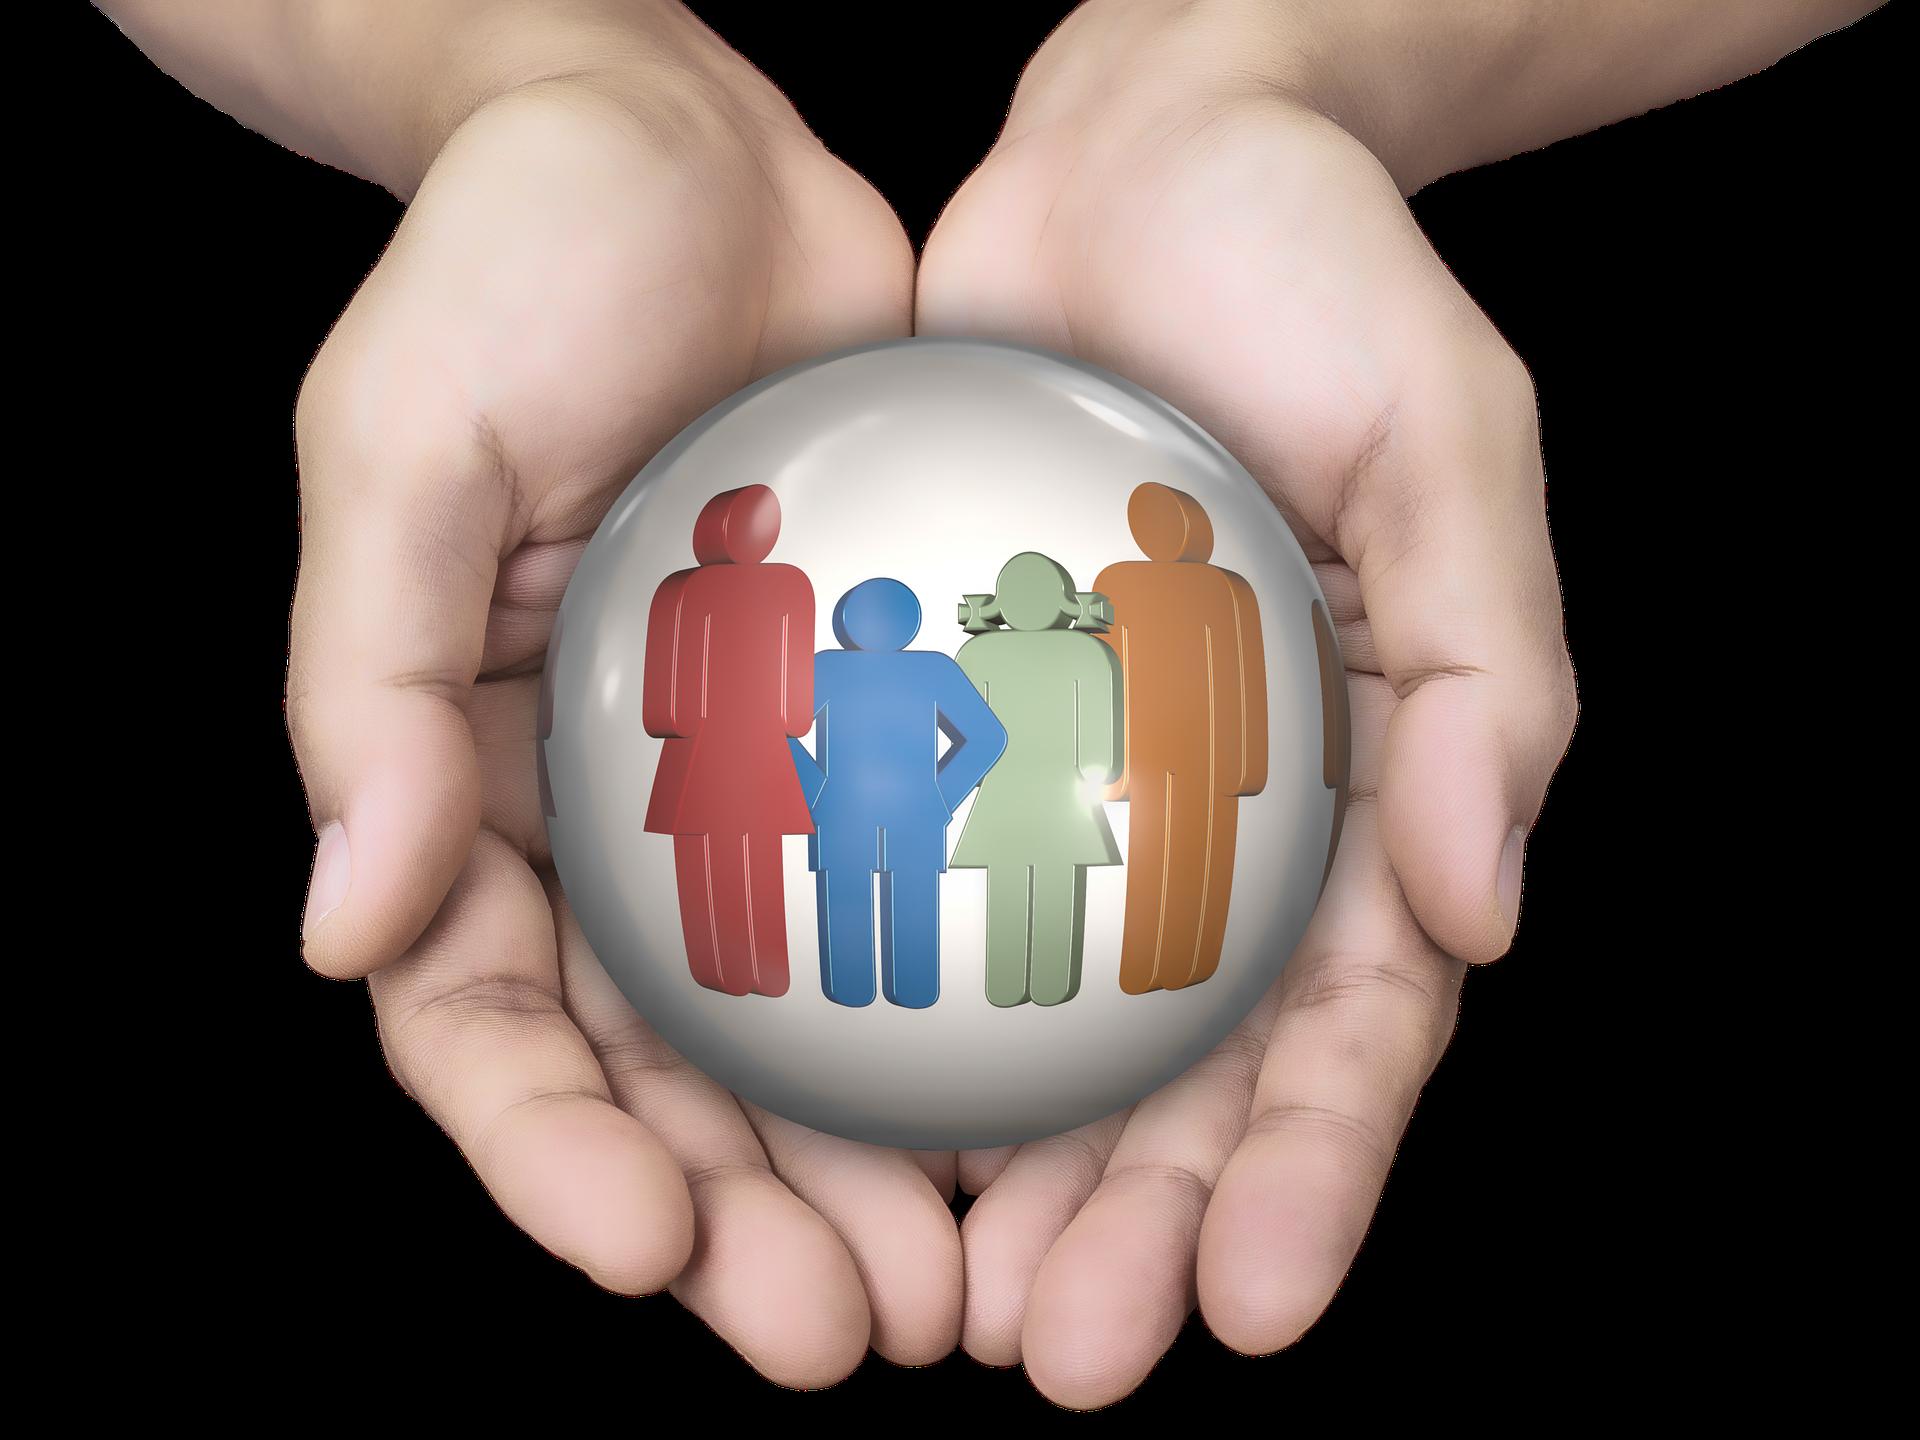 Handicap et héritage: Les moyens de protéger les personnes en situation de handicap